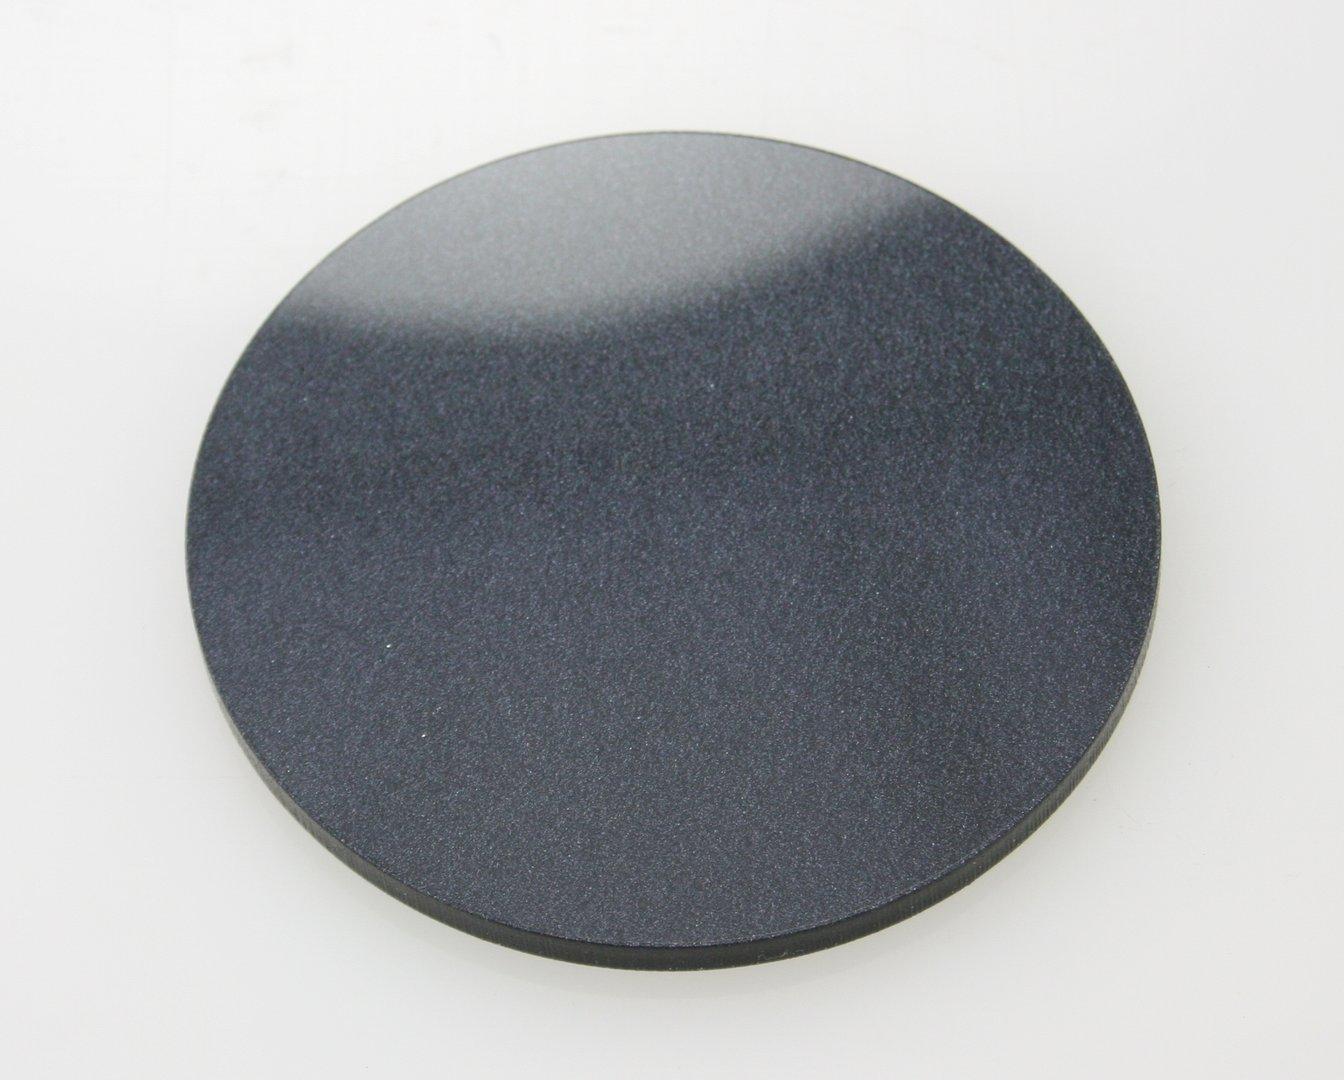 Metallic Black Acrylic Discs Southern Acrylics